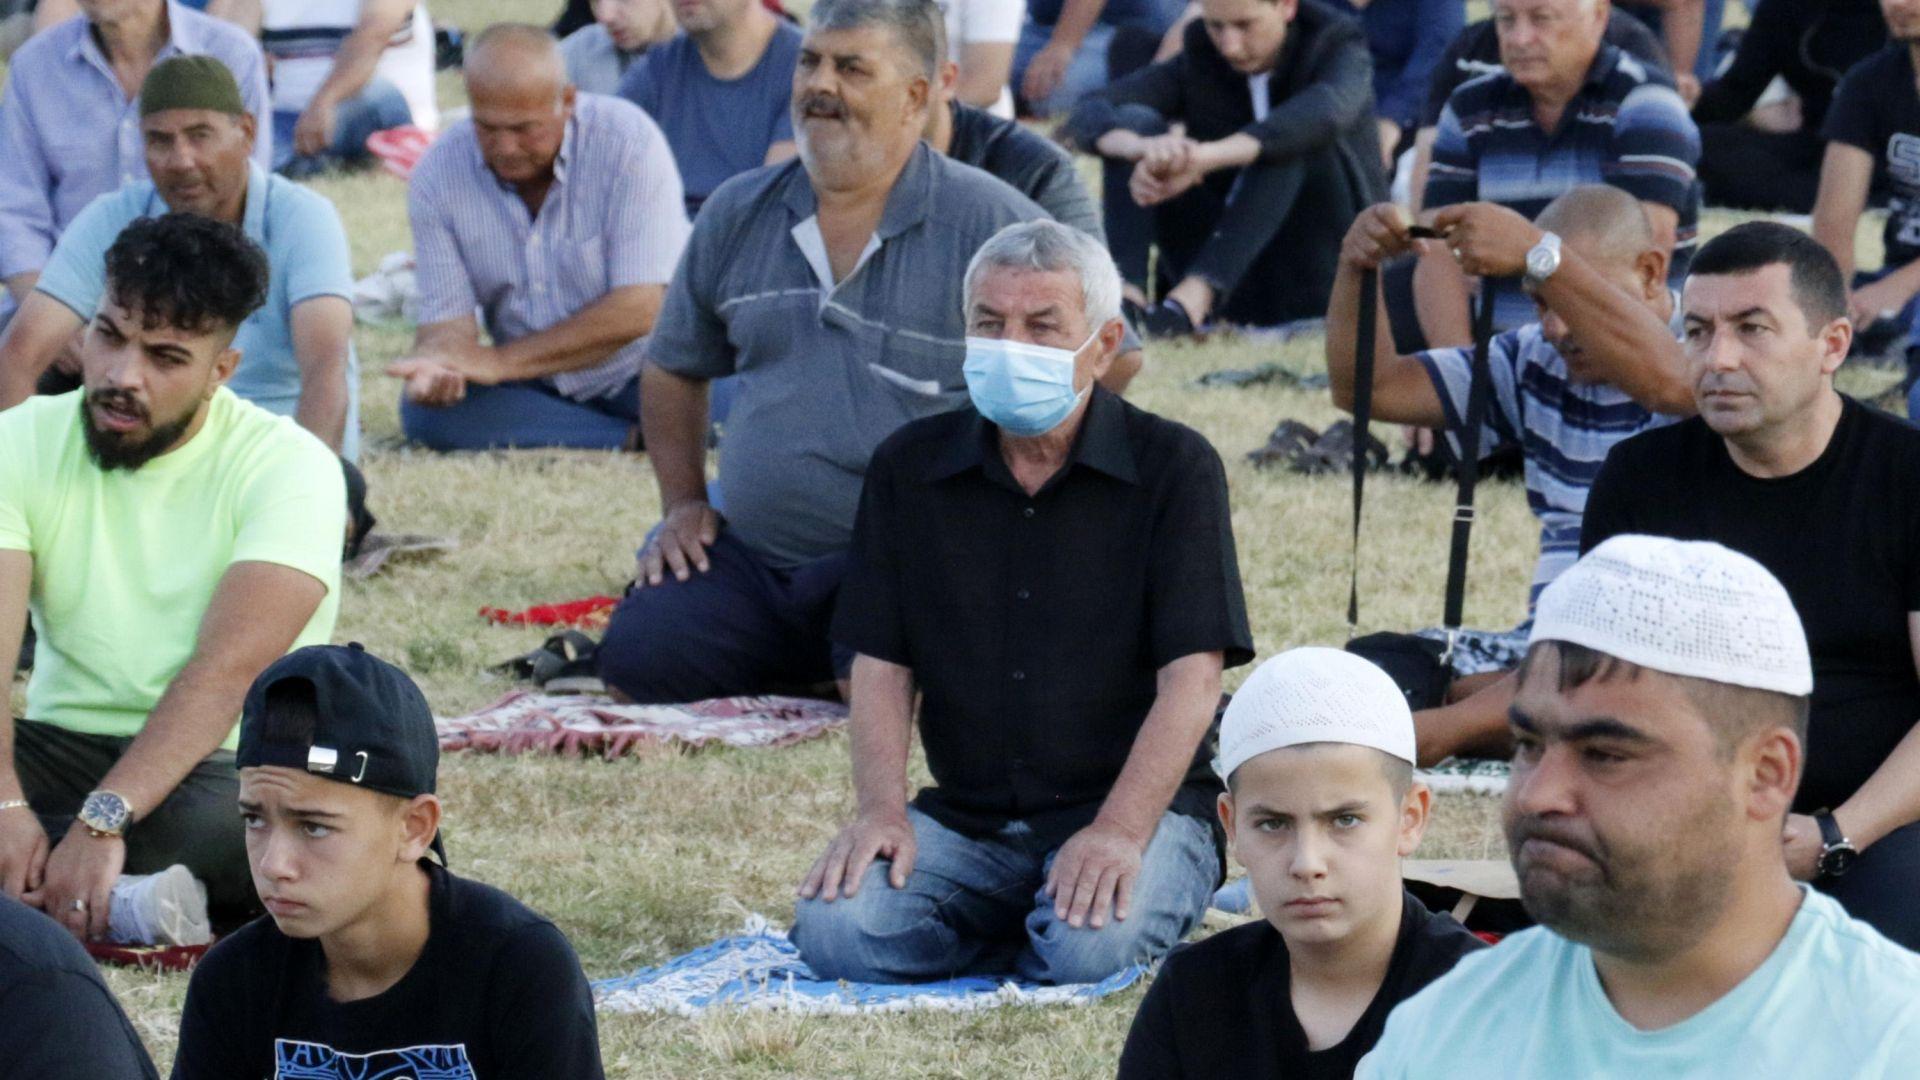 Курбан Байрам започна с молитви на открито и социална дистанция (снимки)